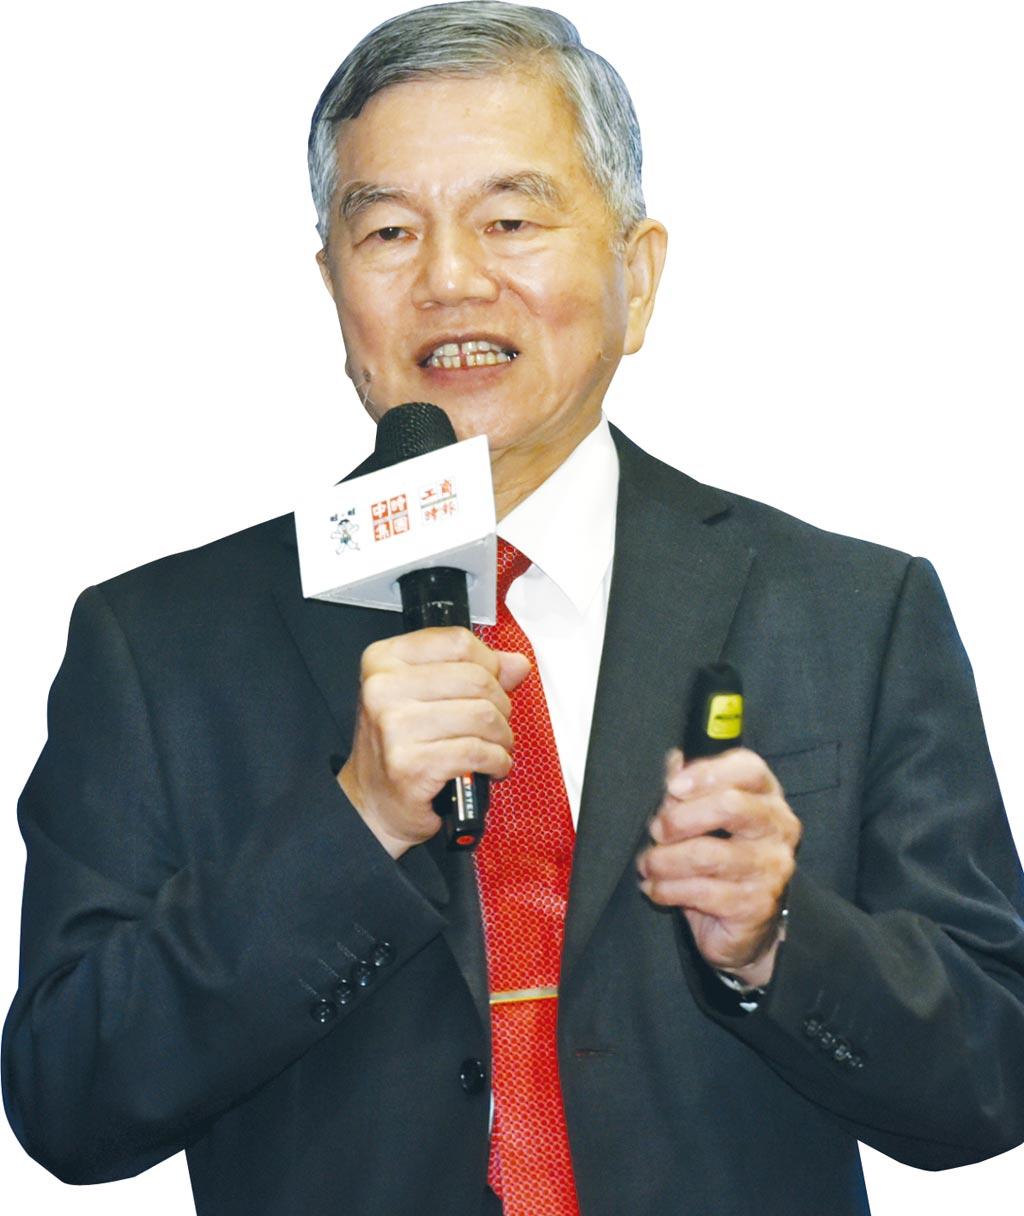 有話好說  經濟部長沈榮津每天行程滿檔,積極回應廠商需求。圖/本報資料照片